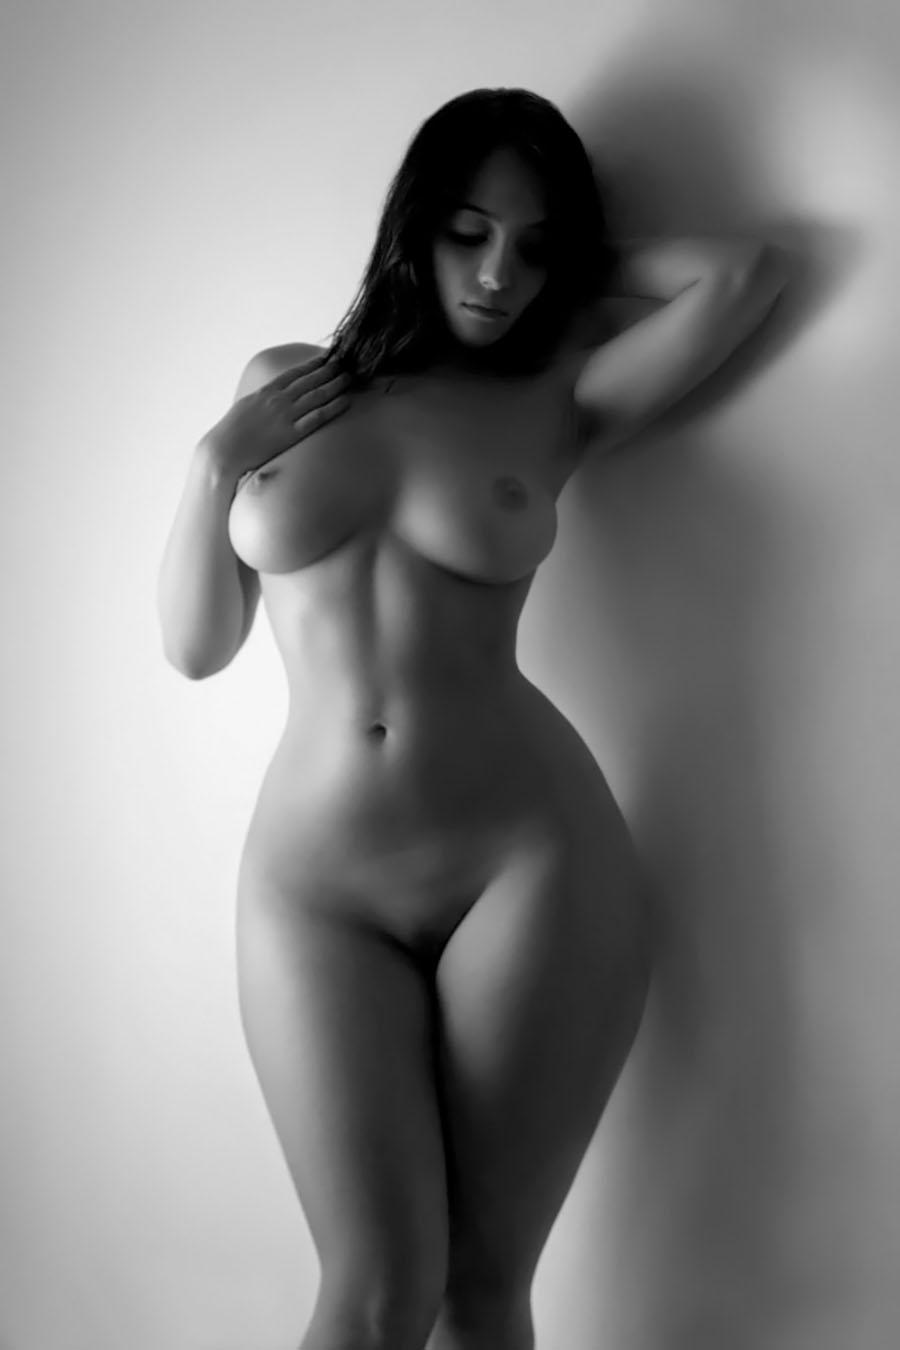 девушки красотки с фигурой голые фото